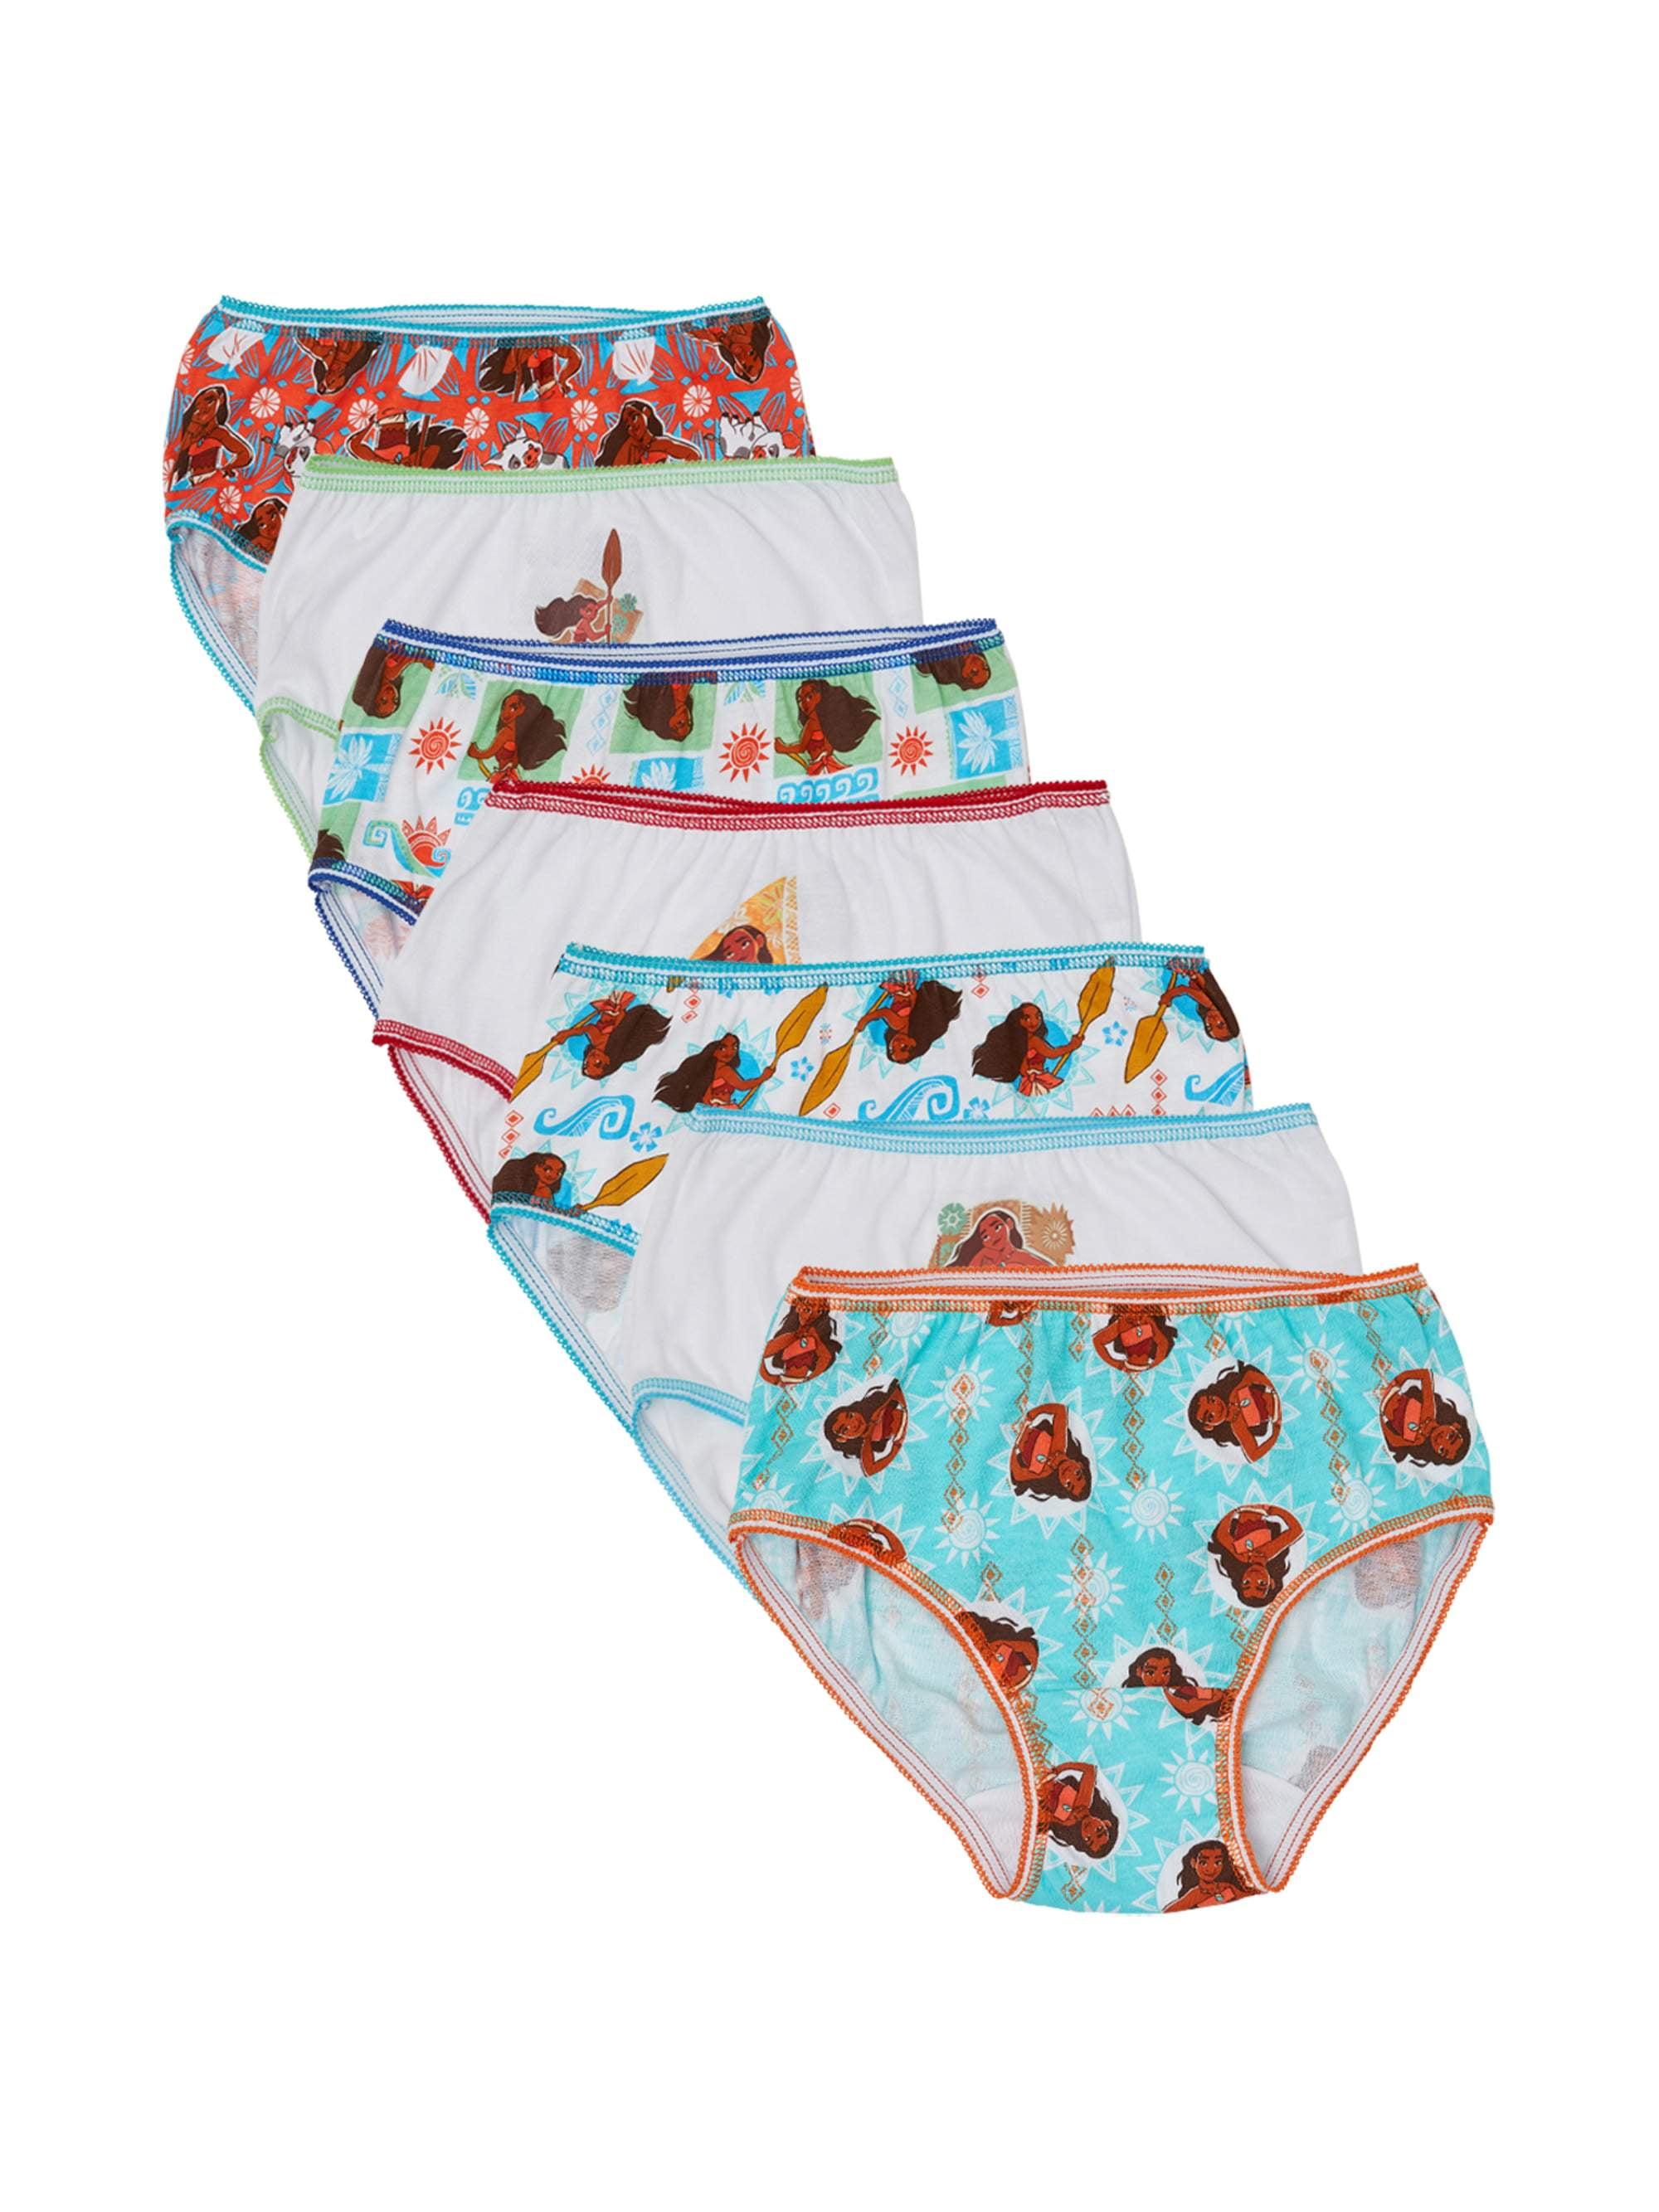 Moana - Disney Moana, Girls Underwear, 7 Pack Panties (Little Girls & Big  Girls) - Walmart.com - Walmart.com